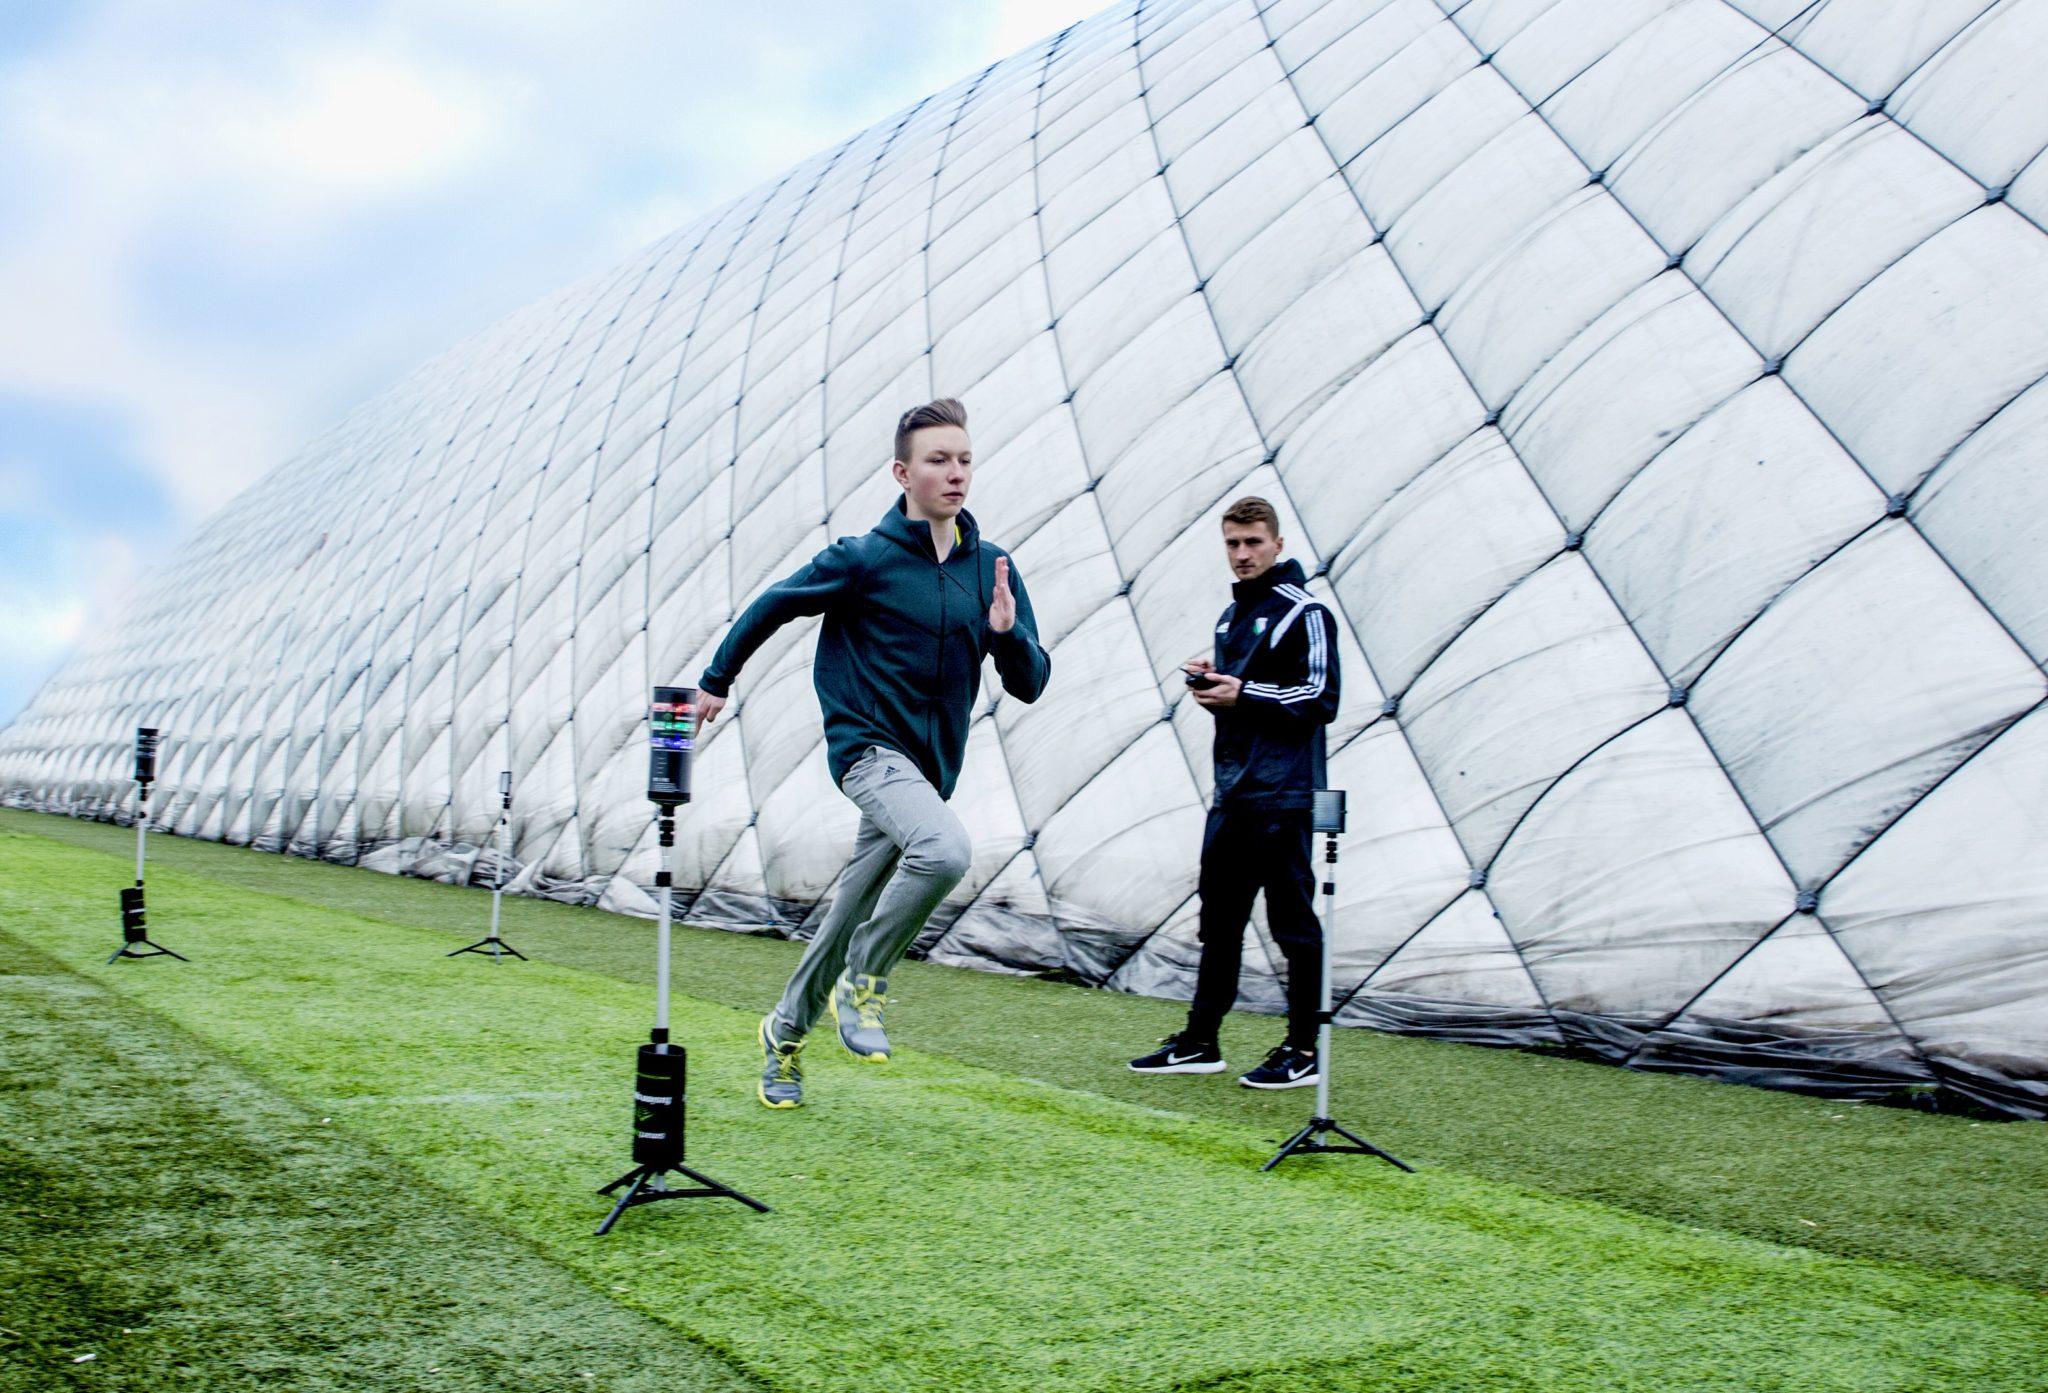 Idealny trening zapisany w genach – czyli jak wybrać odpowiednią dyscyplinę sportową dla swojego dziecka?